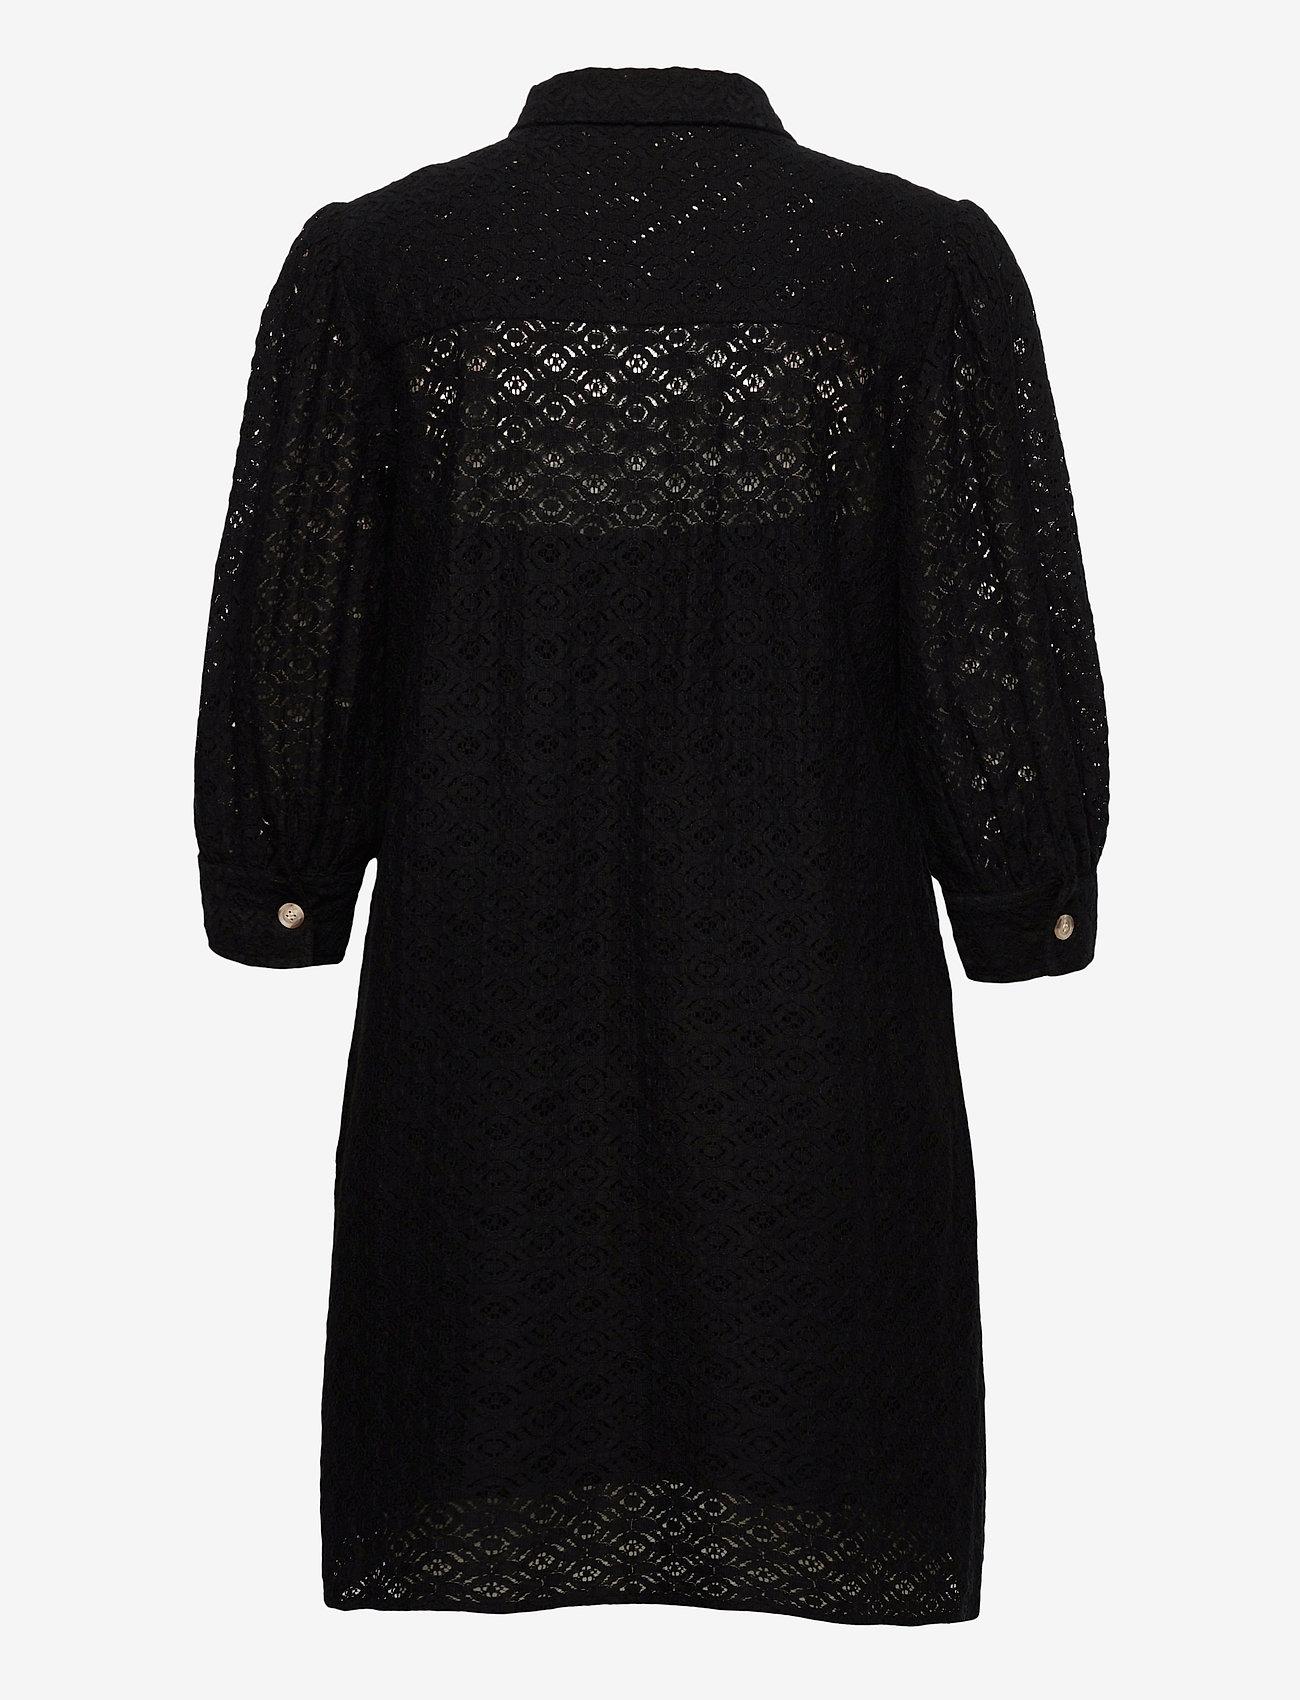 Vero Moda - VMHENNY LACE 3/4 SHORT SHIRT DRESS EXP - vardagsklänningar - black - 1